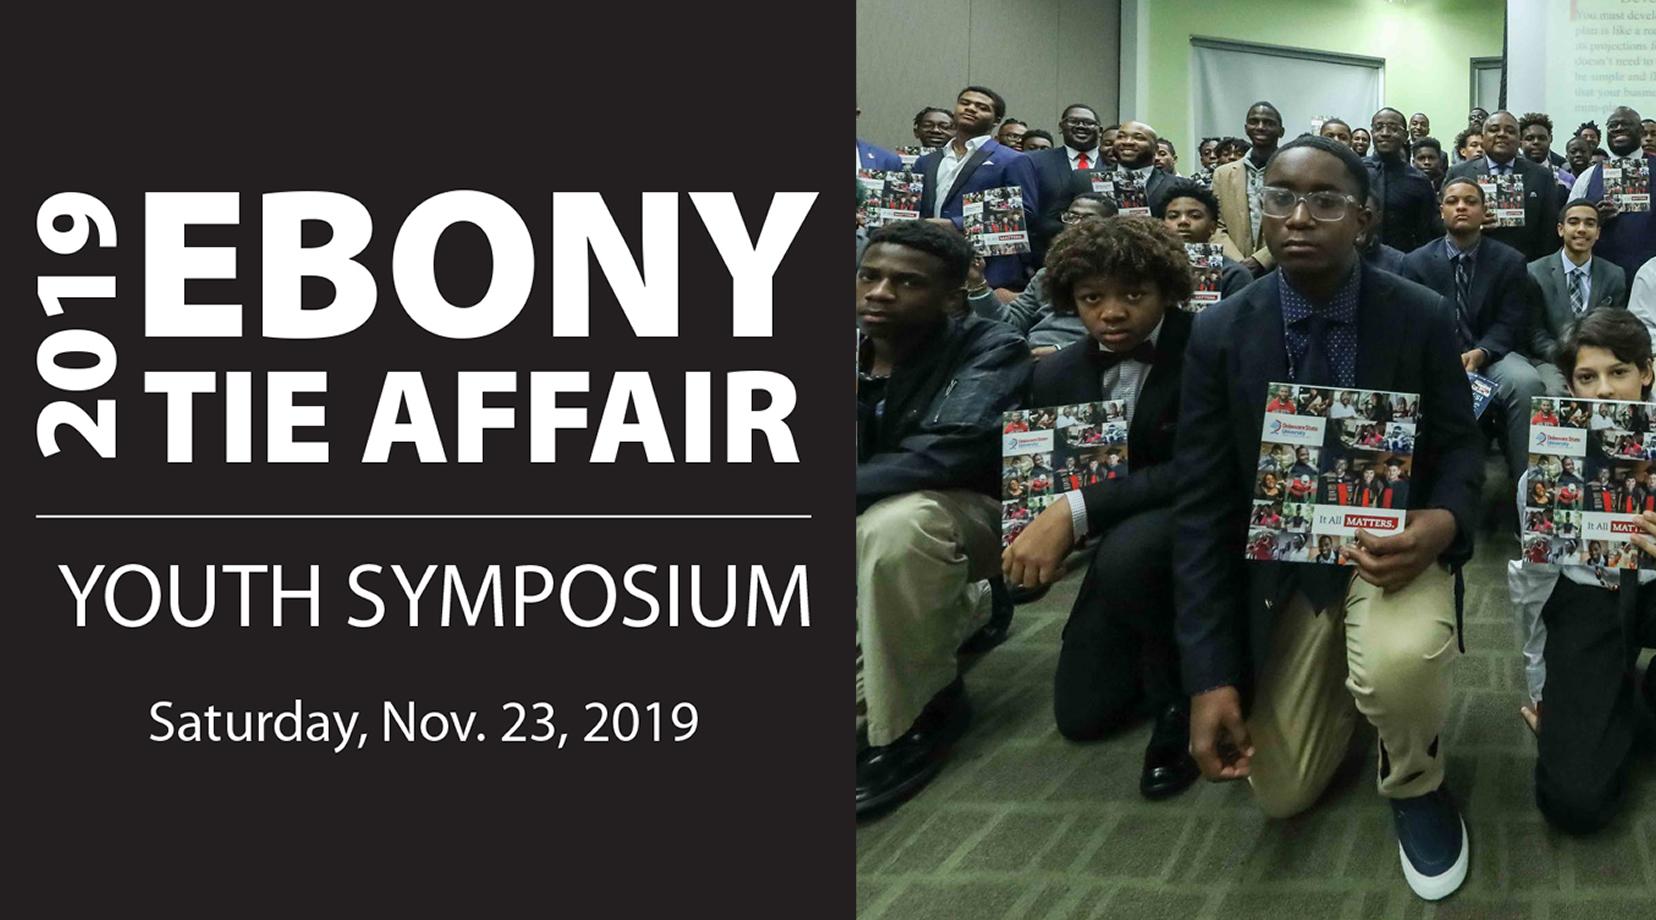 Ebony Tie Affair Youth Symposium